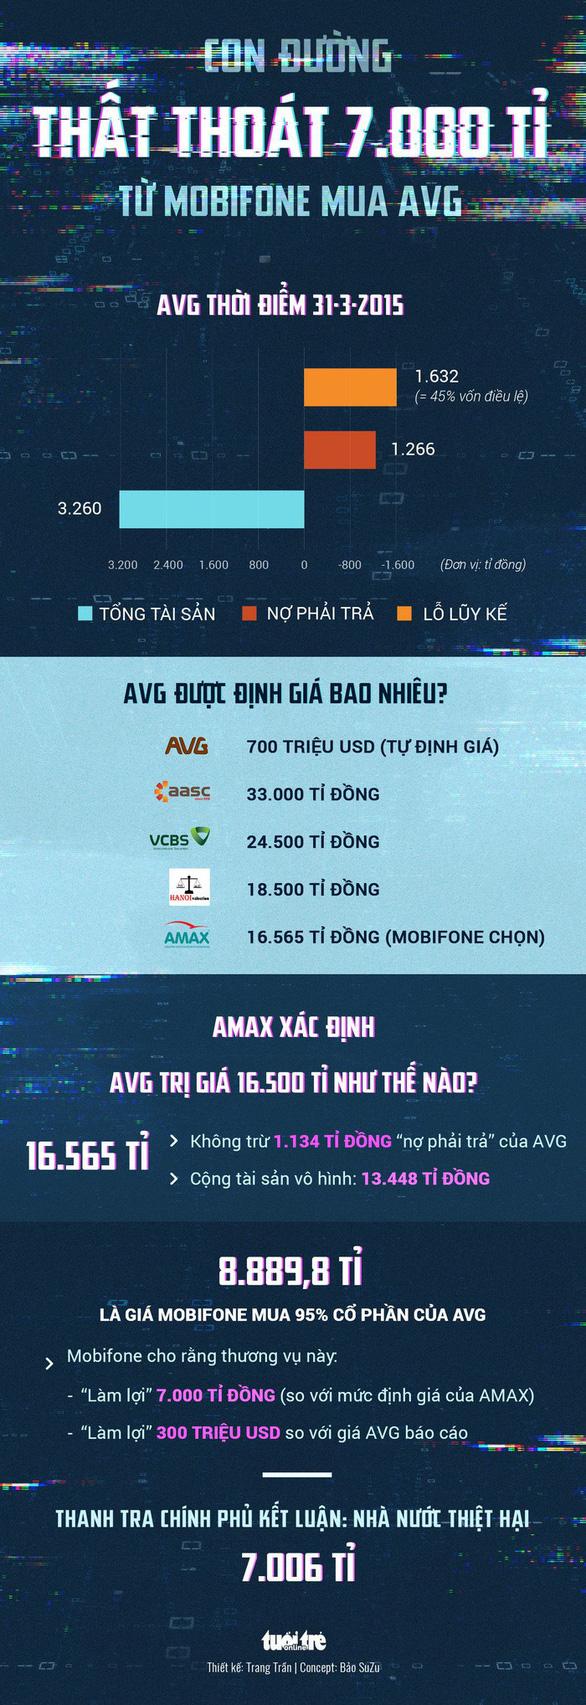 Các cổ đông AVG hoàn tất việc trả lại tiền cho MobiFone - Ảnh 2.